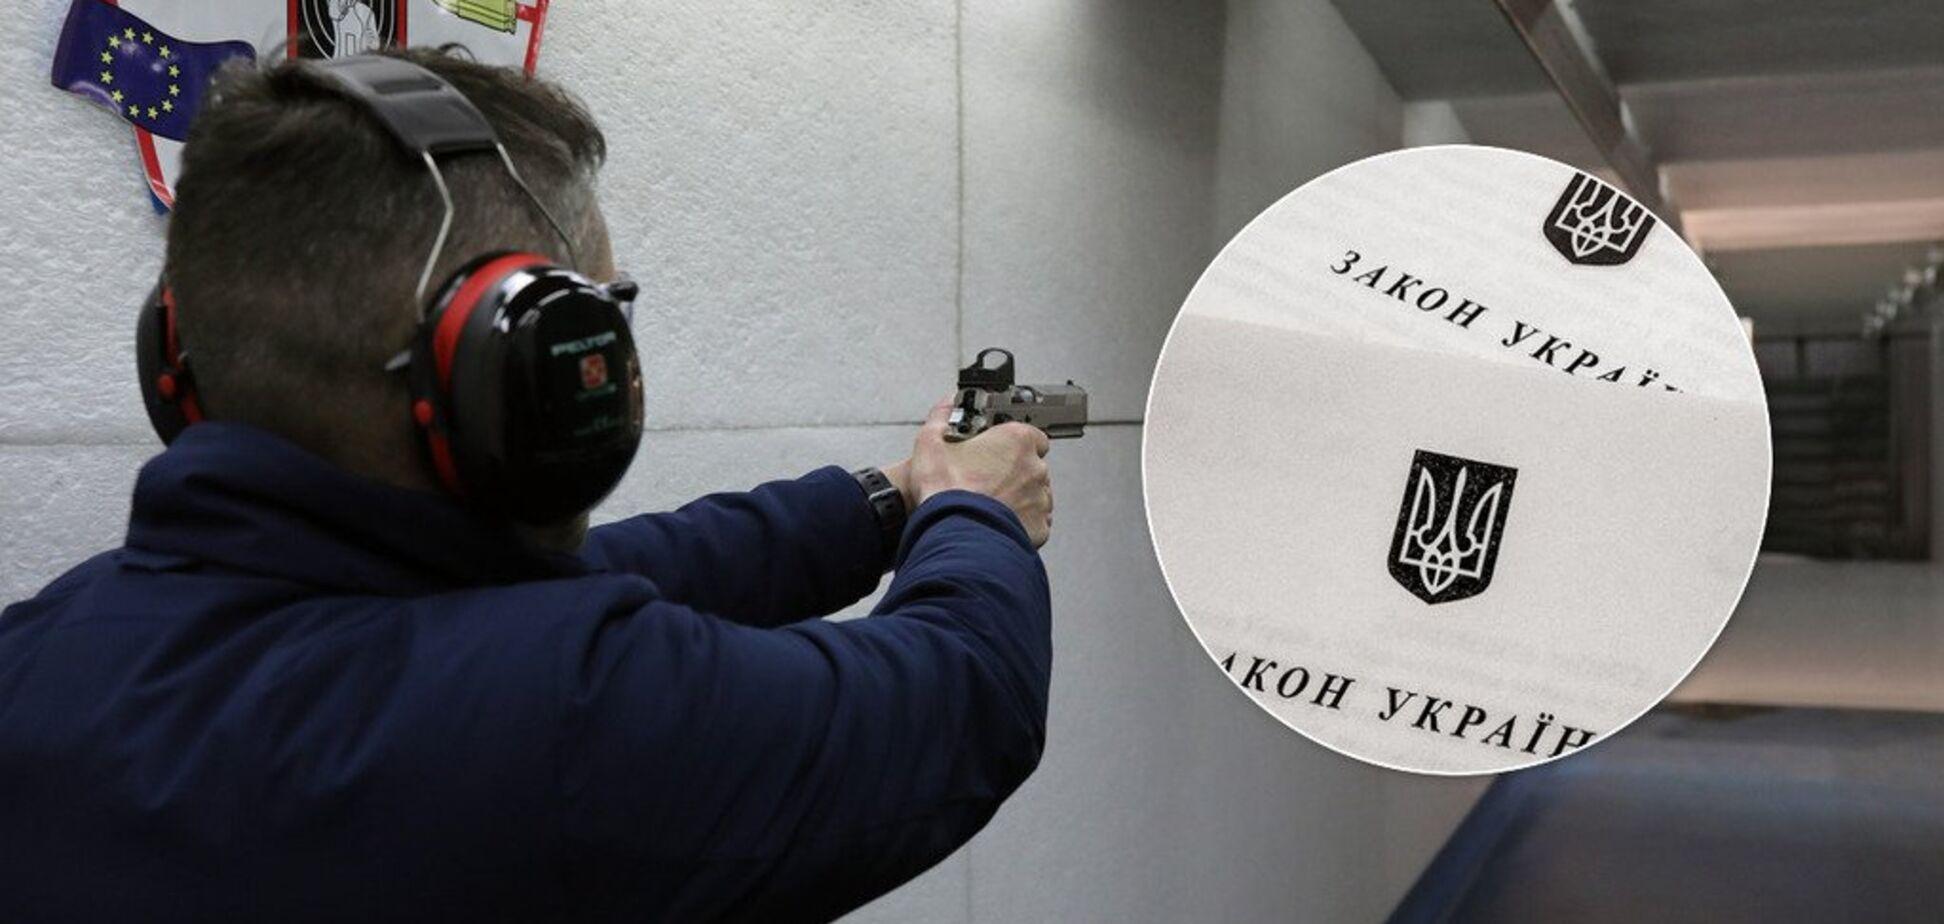 Українцям почнуть продавати пістолети: законопроект 'Слуги народу'